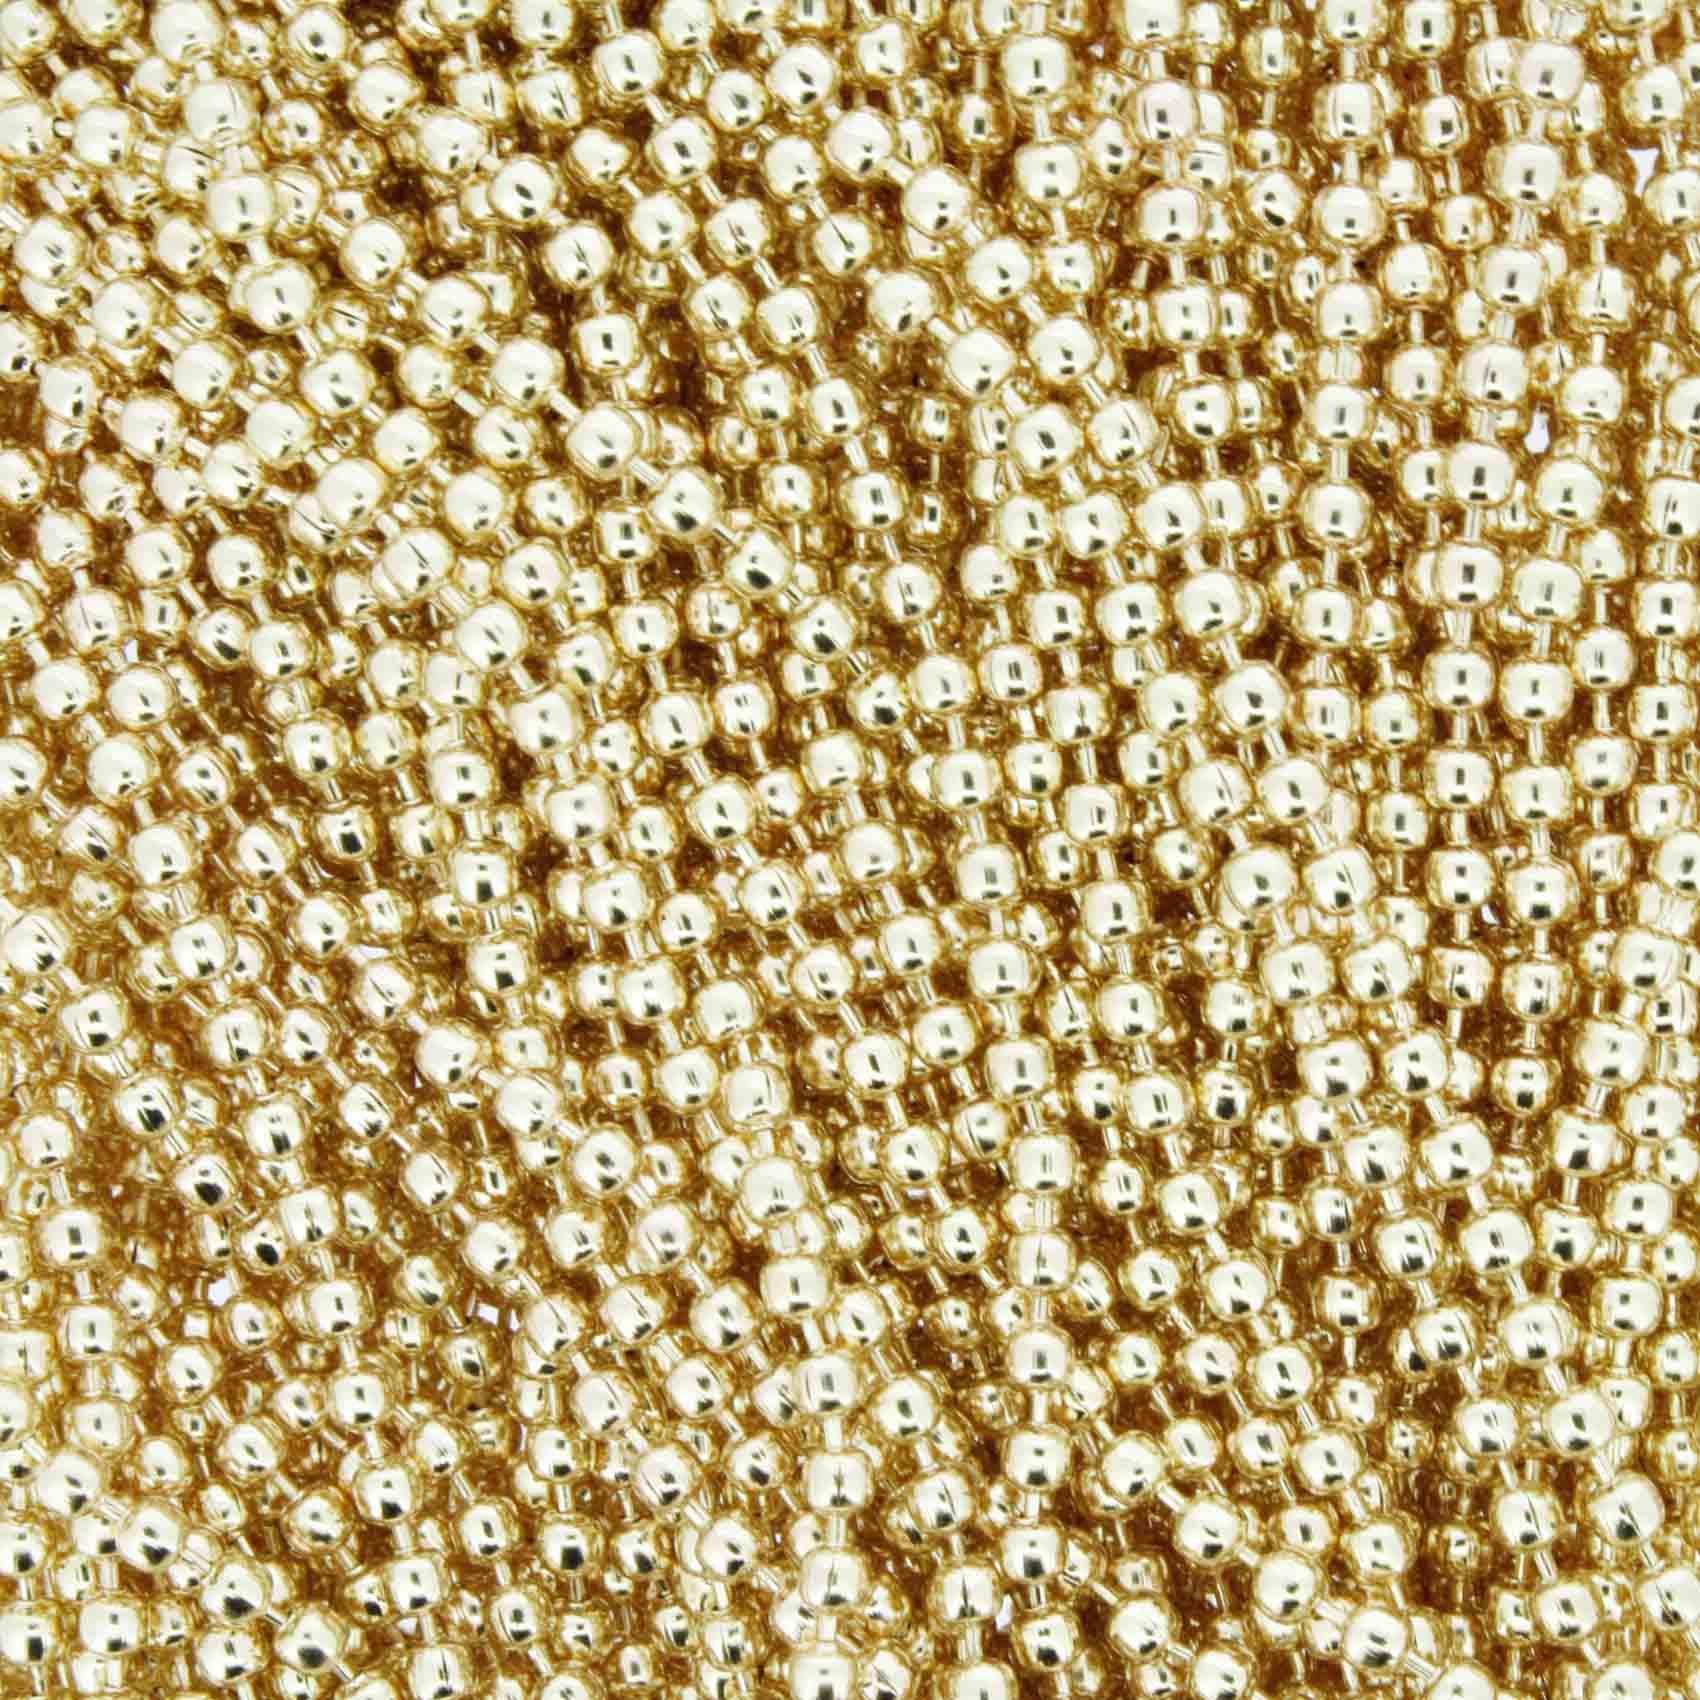 Corrente de Bolinha - 2,0mm - Dourada  - Stéphanie Bijoux® - Peças para Bijuterias e Artesanato